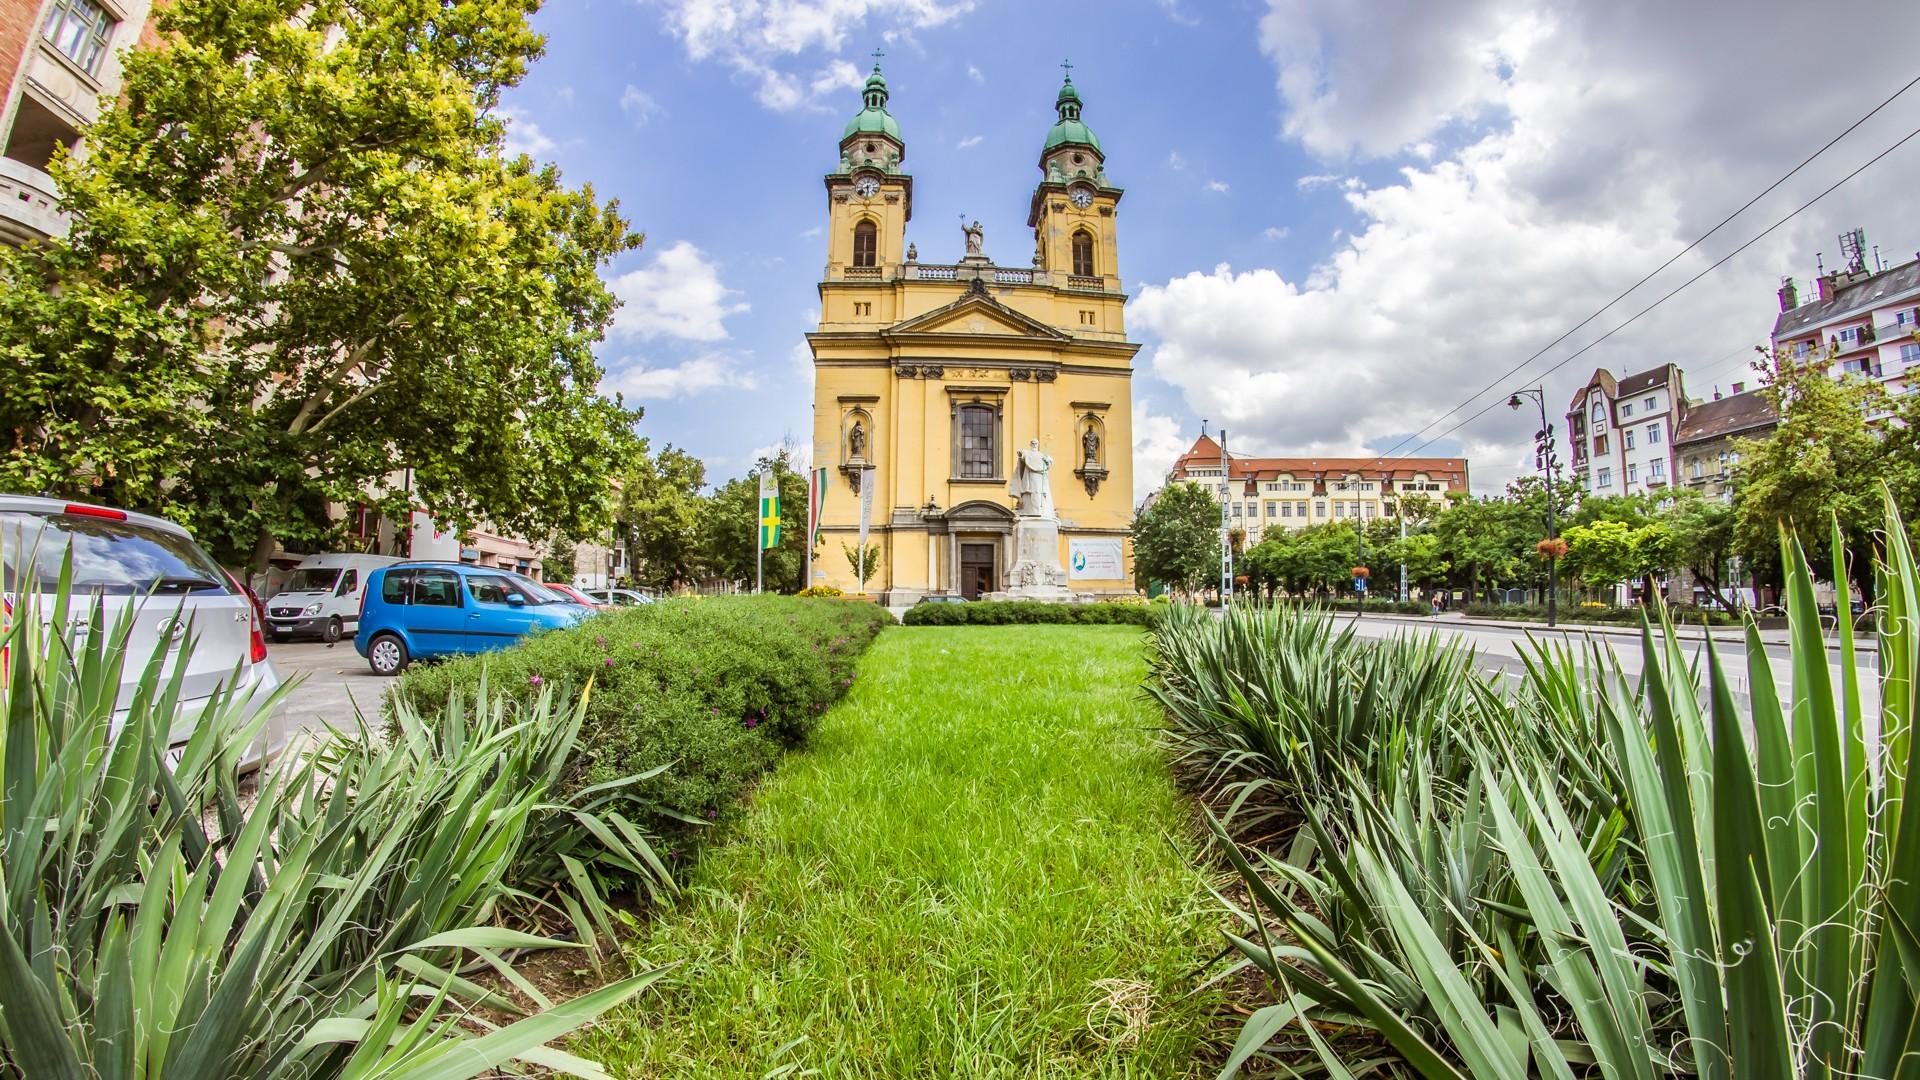 Horváth Mihály square